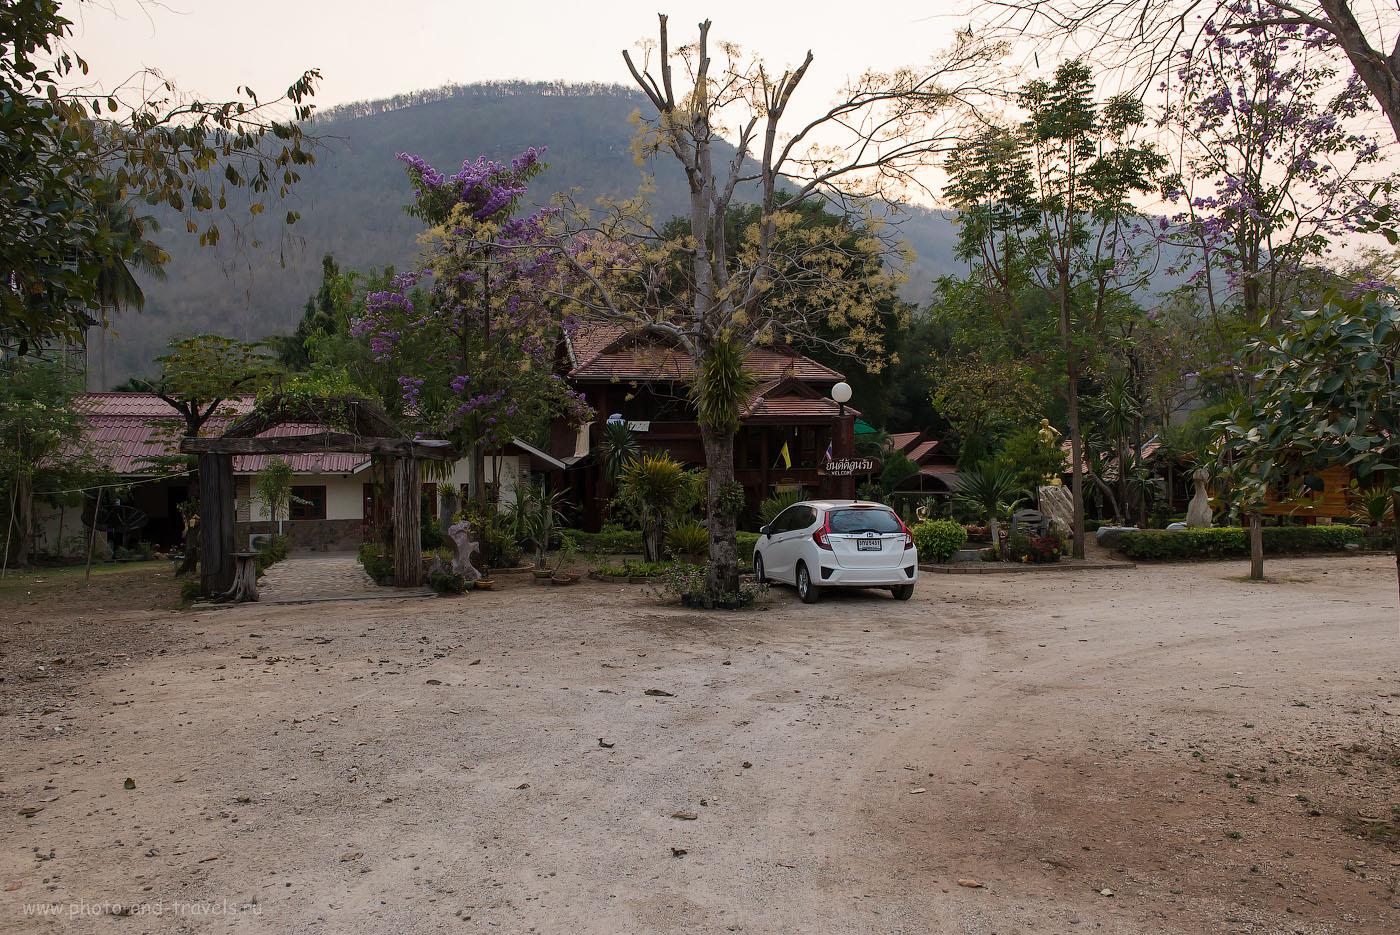 Фото 1. Гостиничный комплекс на берегу реки Квай. Где жить при самостоятельной поездке в национальный парк Эраван в Таиланде. (камера Nikon D610, объектив Nikkor 24-70/2.8, настройки фотоаппарата: ИСО 1600, фокусное расстояние 27 мм, диафрагма f/8.0, выдержка 1/125 секунды)